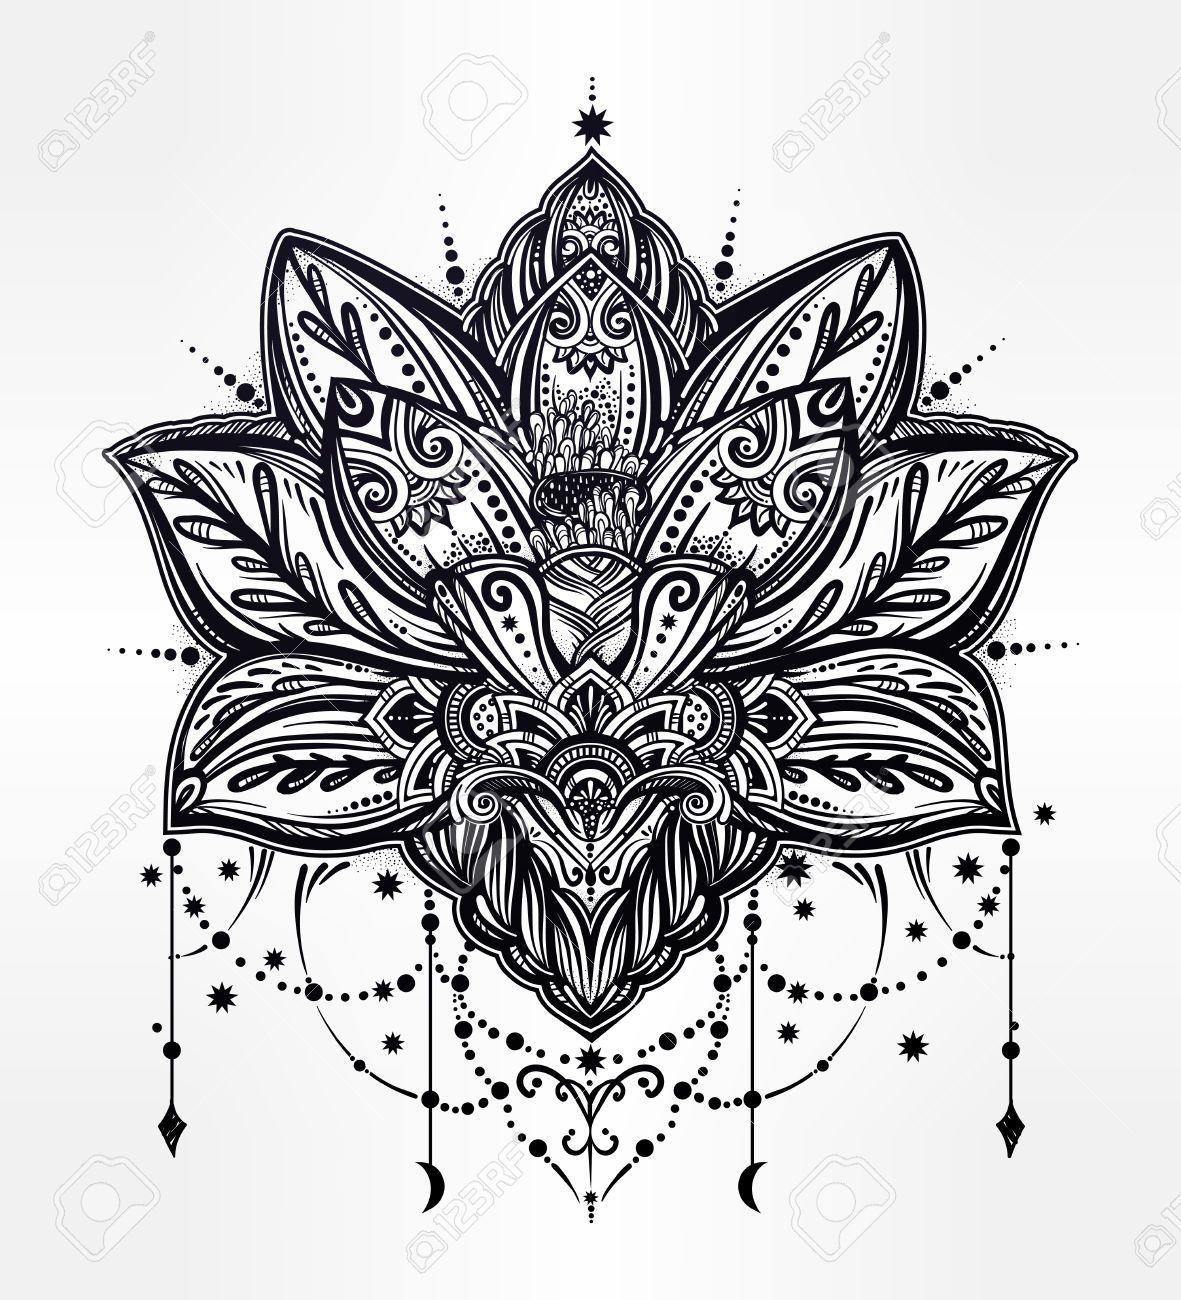 Vector Ornamental De Flores De Loto Arte Etnico Patron De Paisley De La India Dibujado A Mano Ilu Tatoo De Mandalas Tapar Tatuajes Tatuajes De Arte Corporal